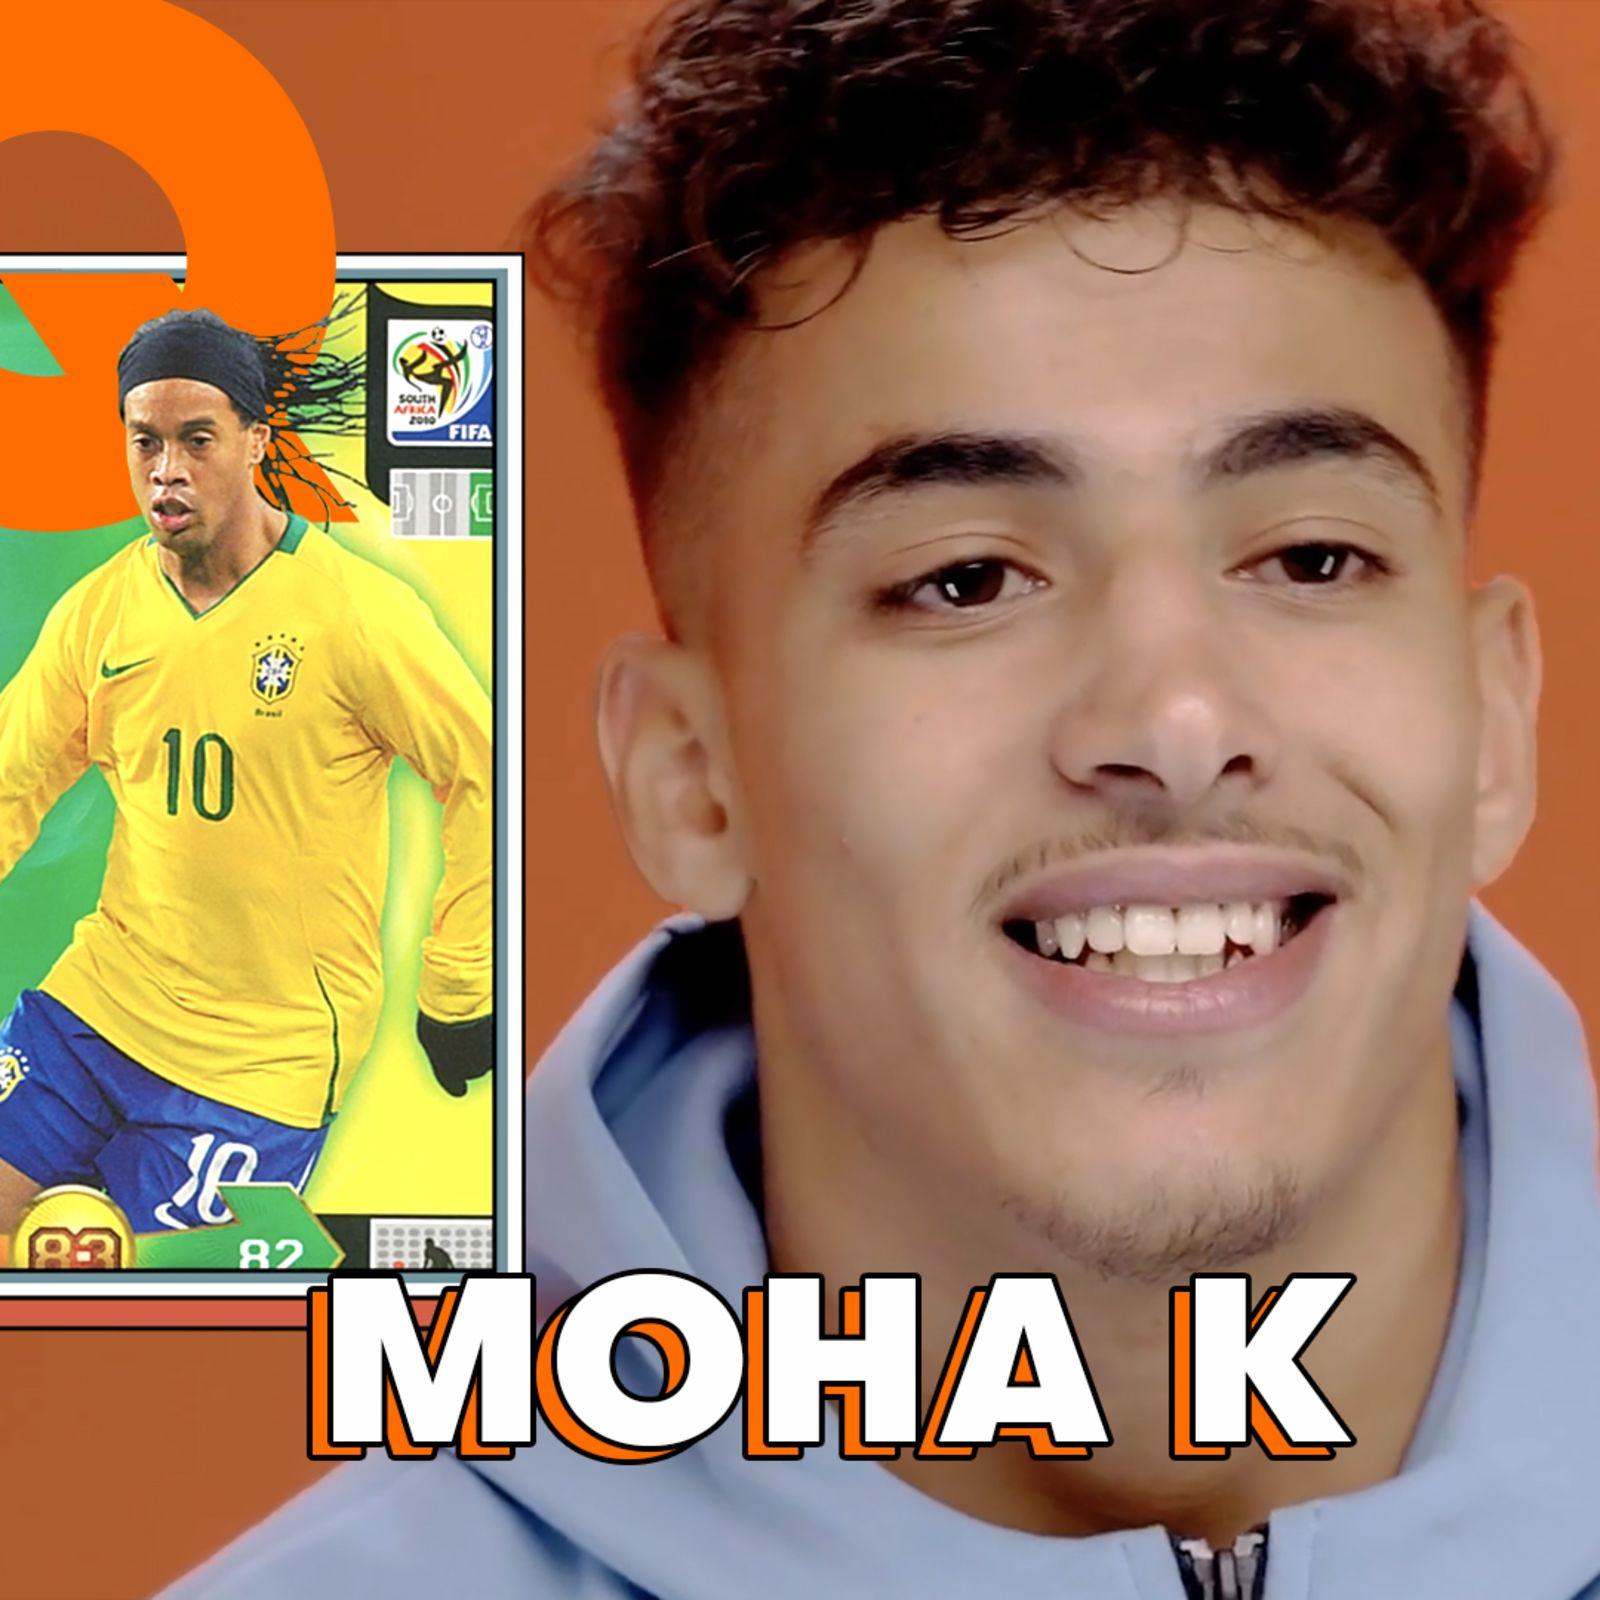 La Tier List football de Moha K : Ramos, Cavani, Iniesta